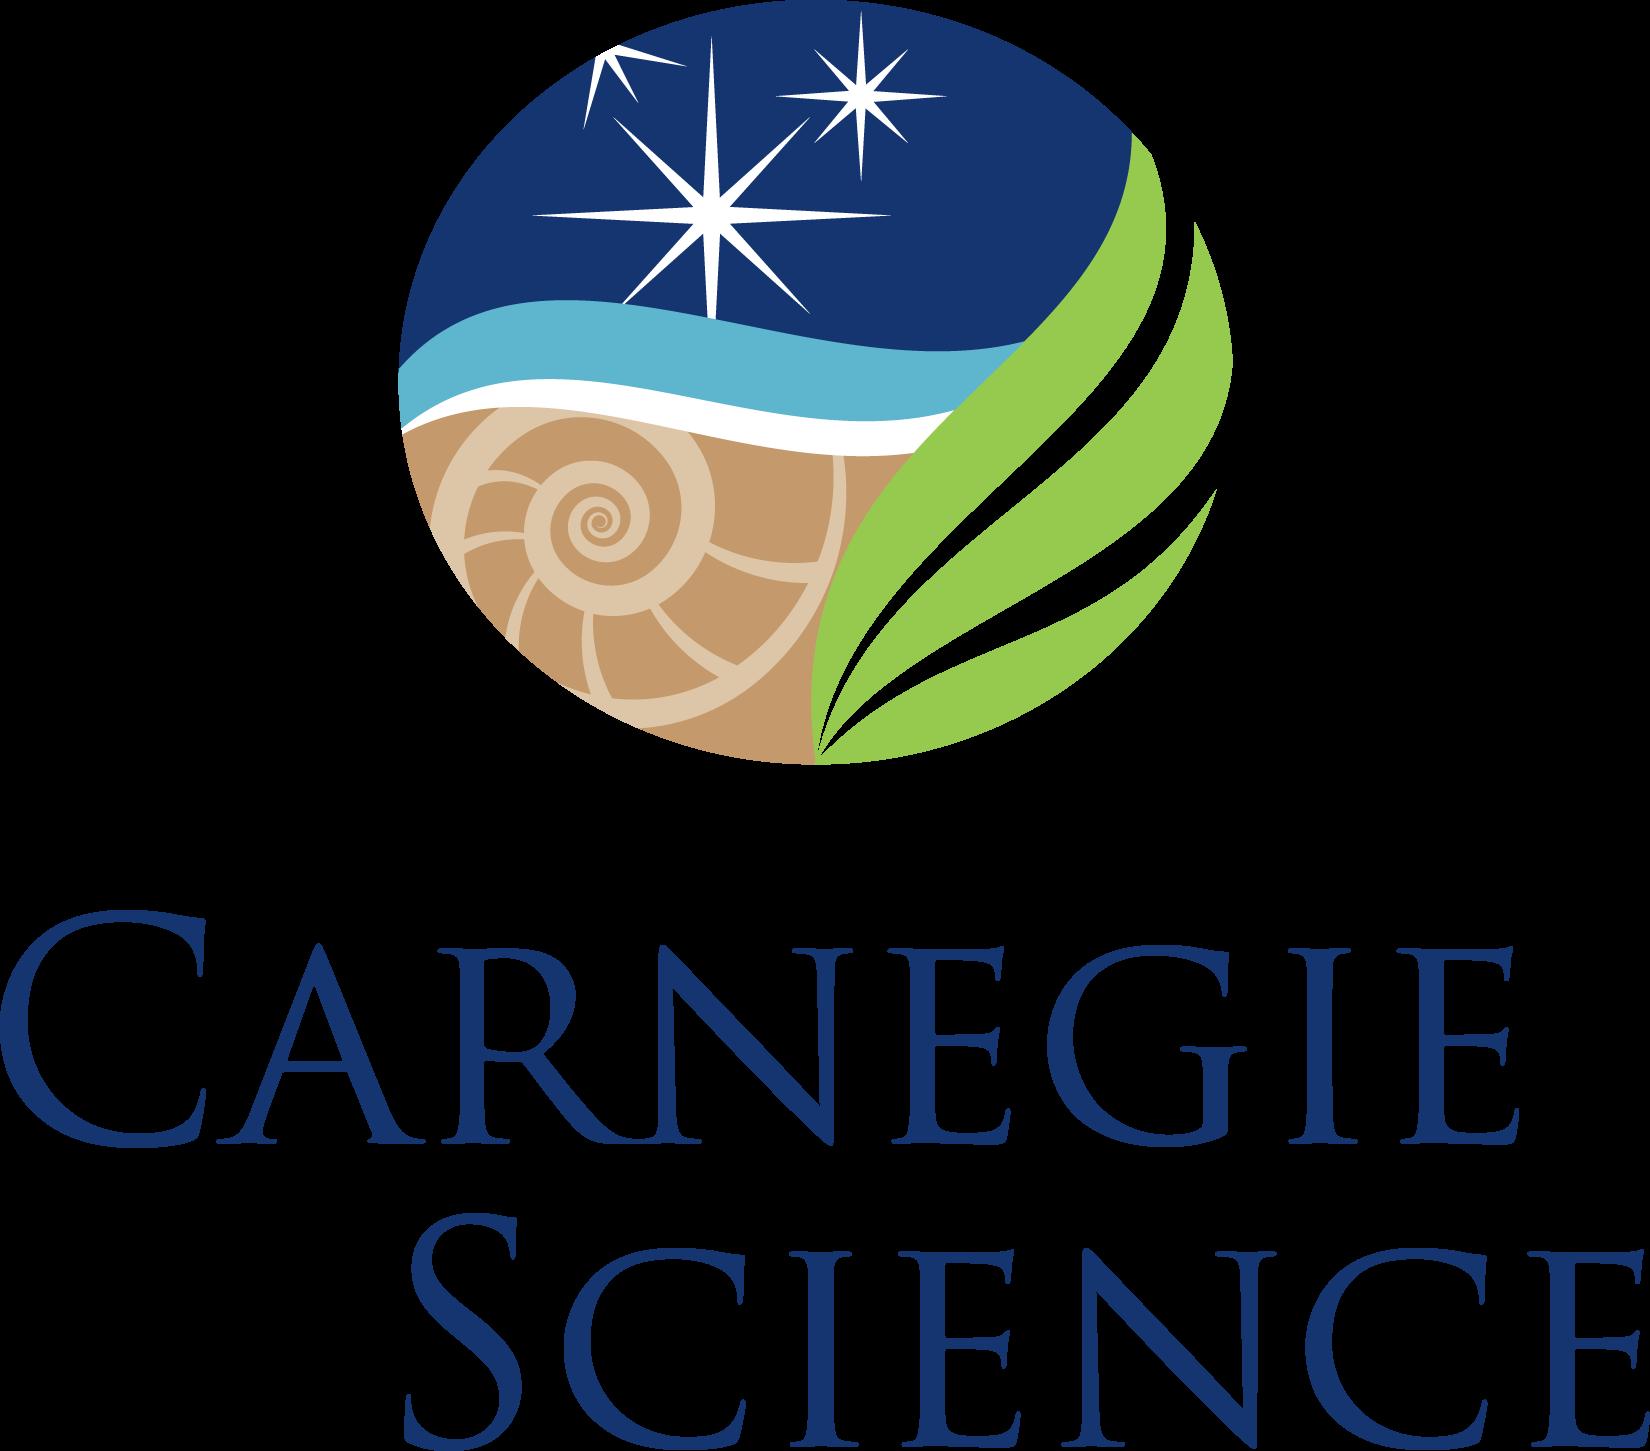 carnegie science.png